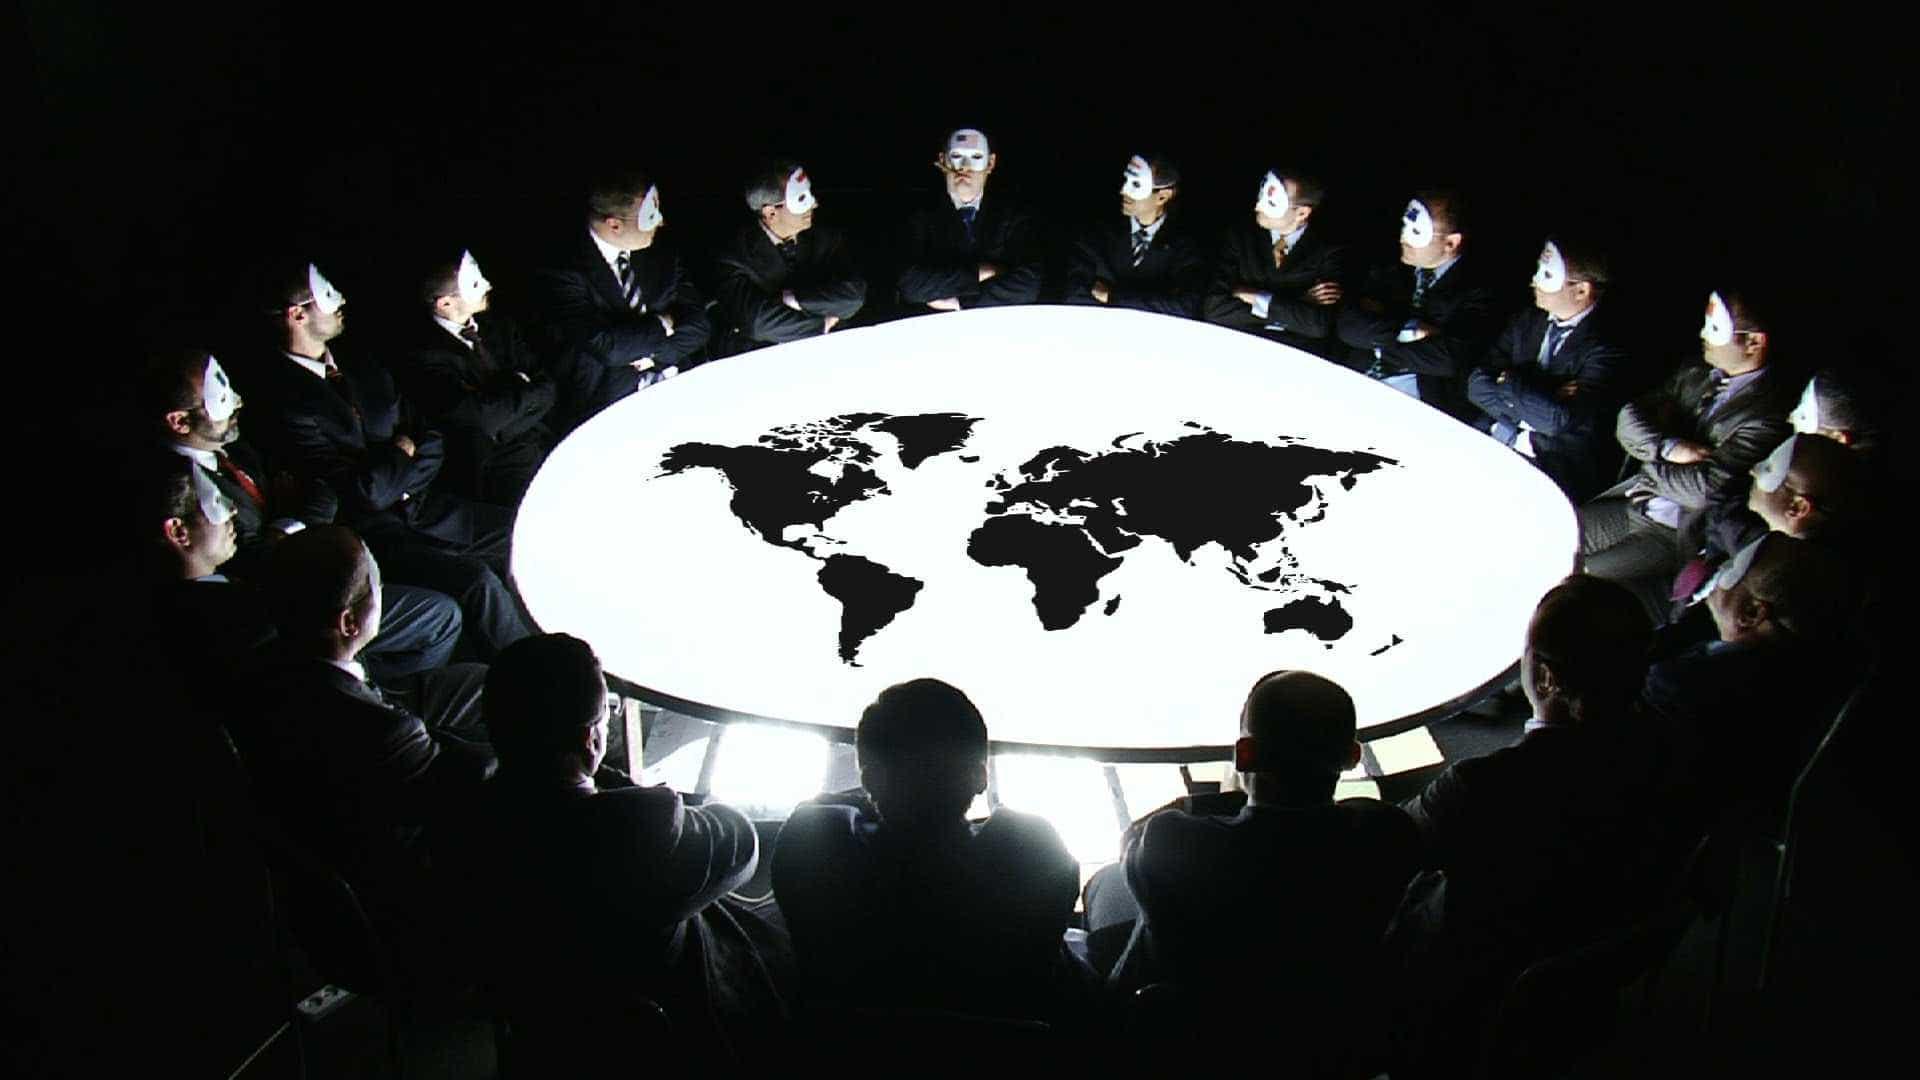 Coronavirus: A las puertas de un nuevo orden mundial - Revista G7